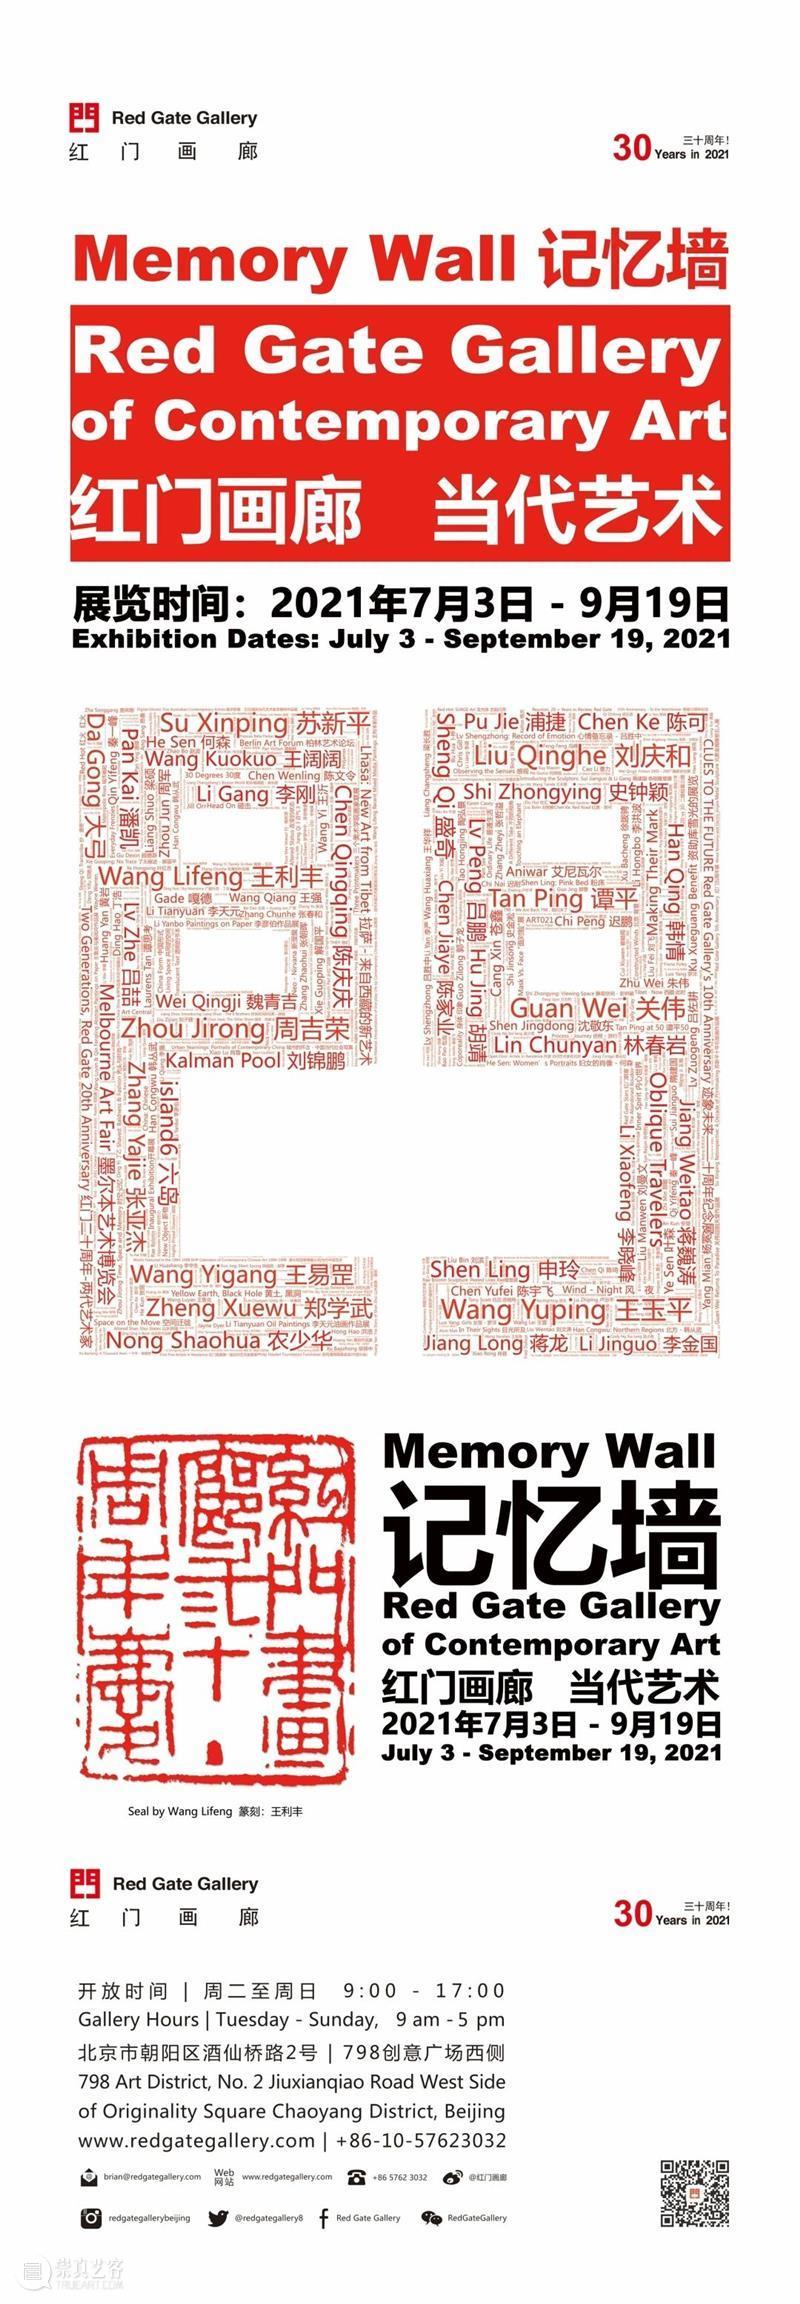 30周年 | 感谢这个传奇画廊 画廊 传奇 二维码 红门画廊 张羽 记忆 眼中 东便门 角楼 脑海 崇真艺客